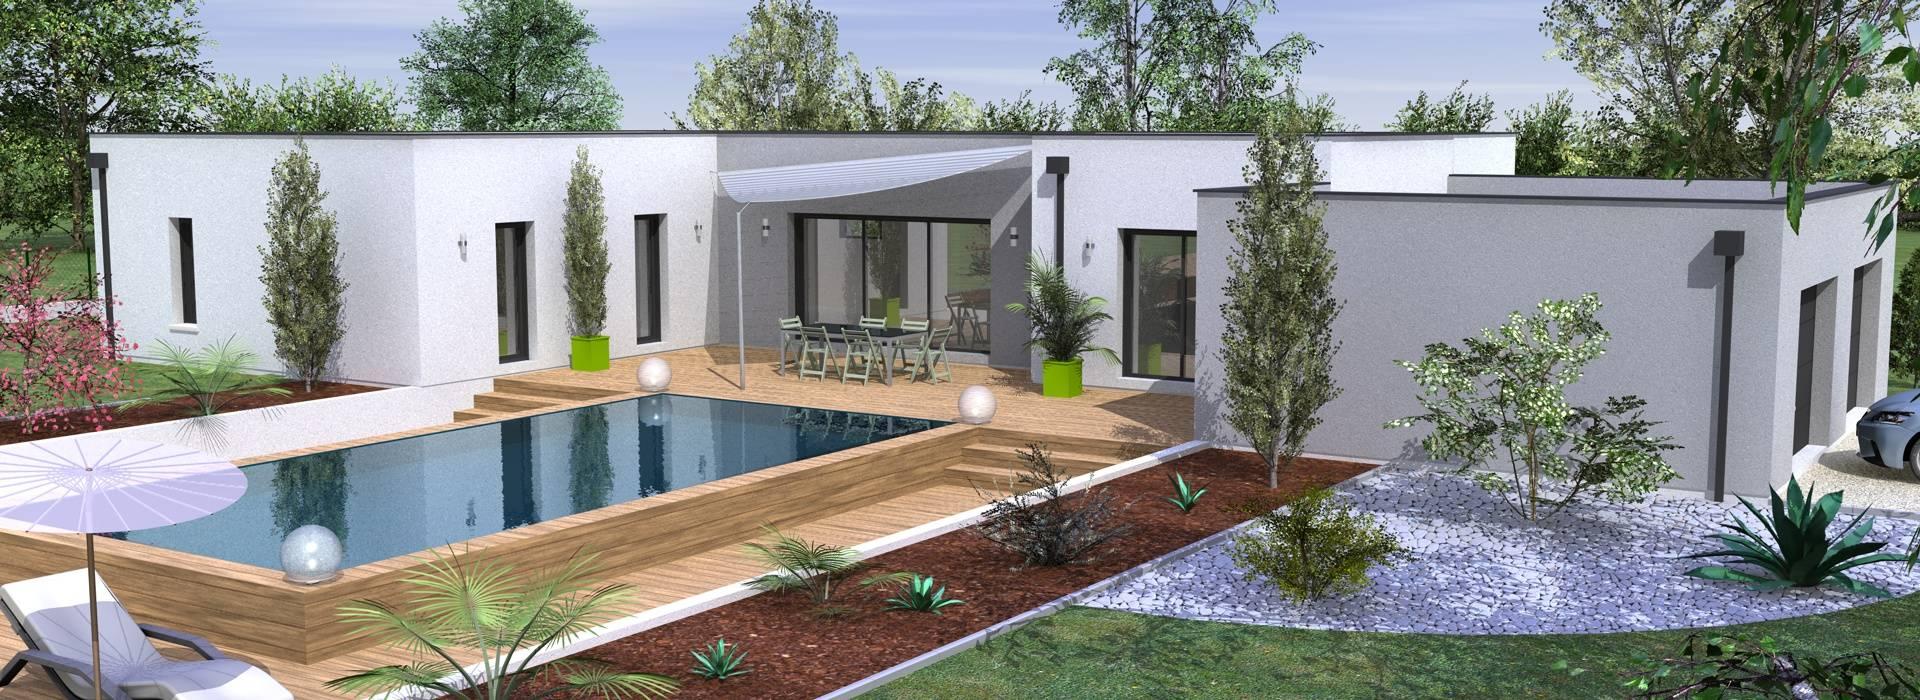 Constructeur maison moderne bordeaux ventana blog - Maison contemporaine bordeaux ...